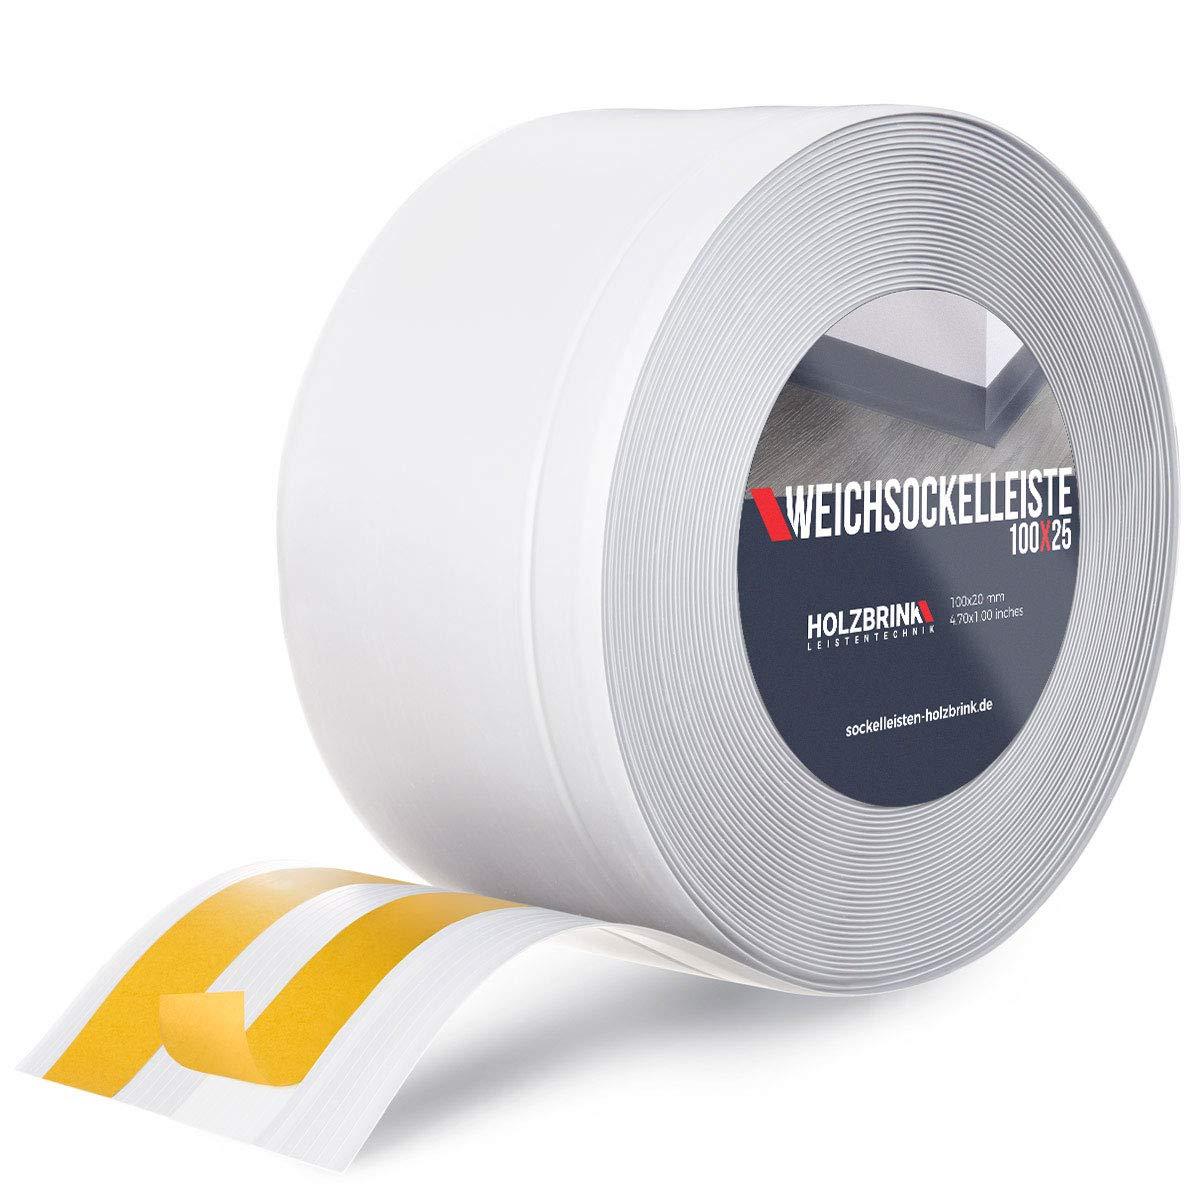 HOLZBRINK Perfil de Suelo Autoadhesivo Suave Blanco Pre Cortado Cinta PVC, 100x25 mm, 5 m